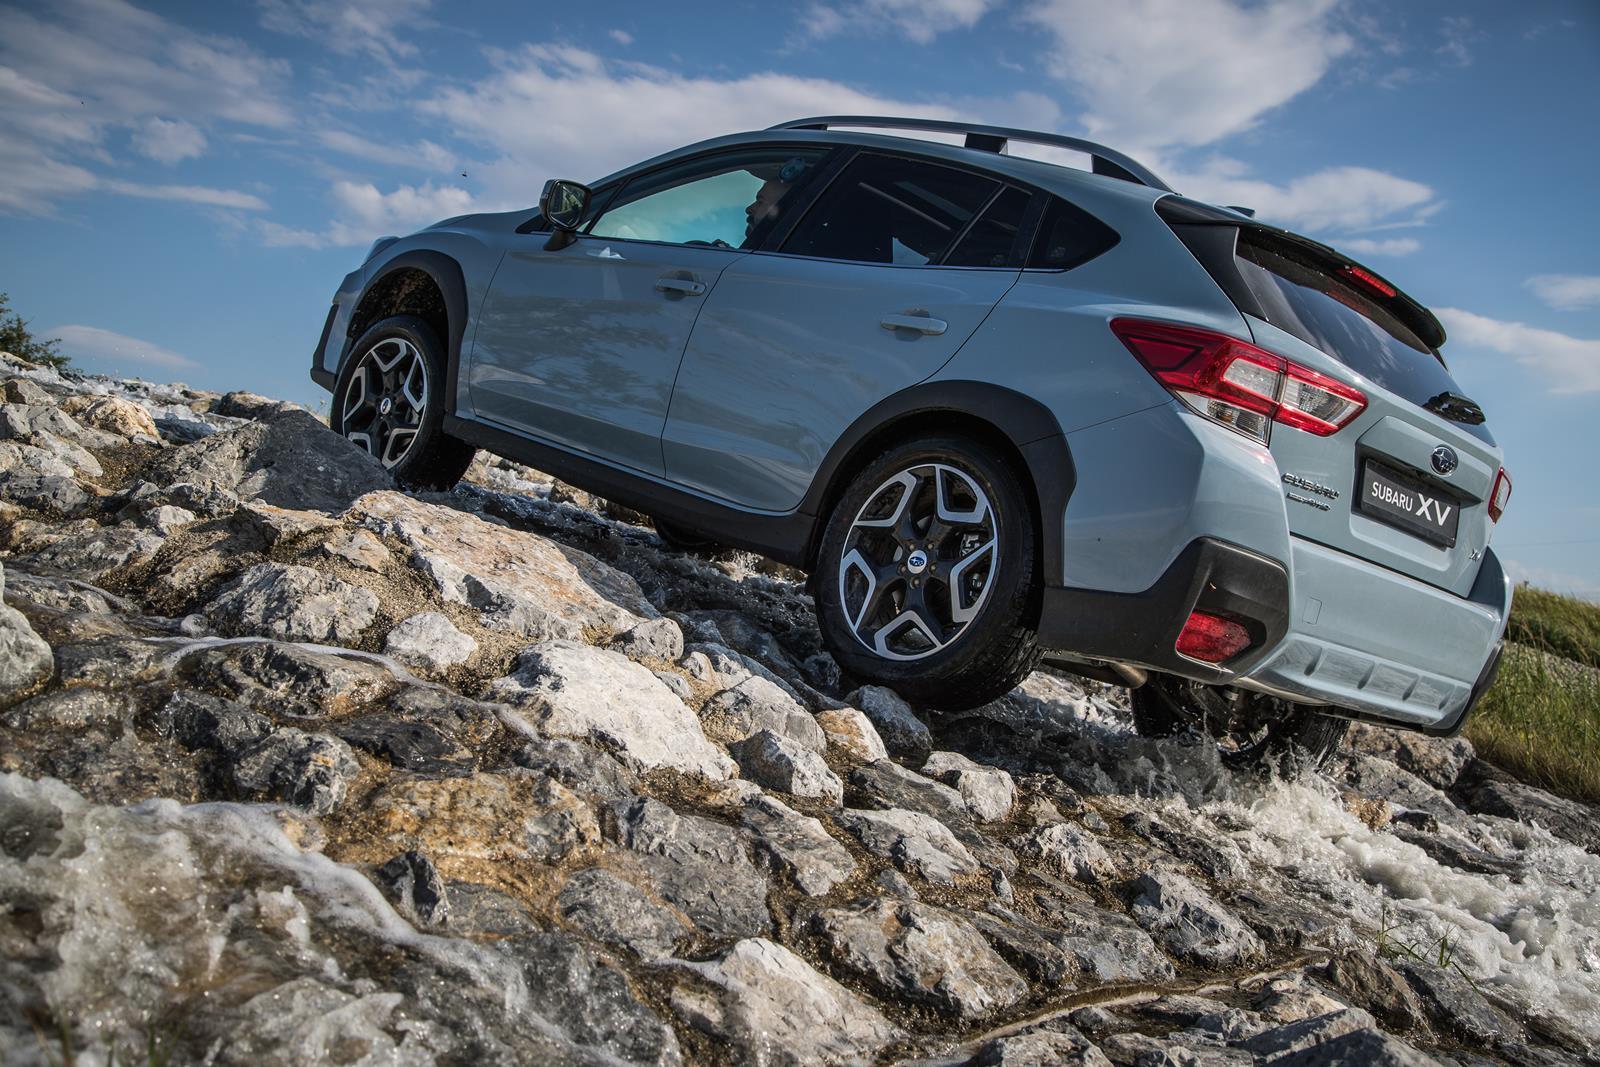 Subaru-XV-2018-1049-16.jpg